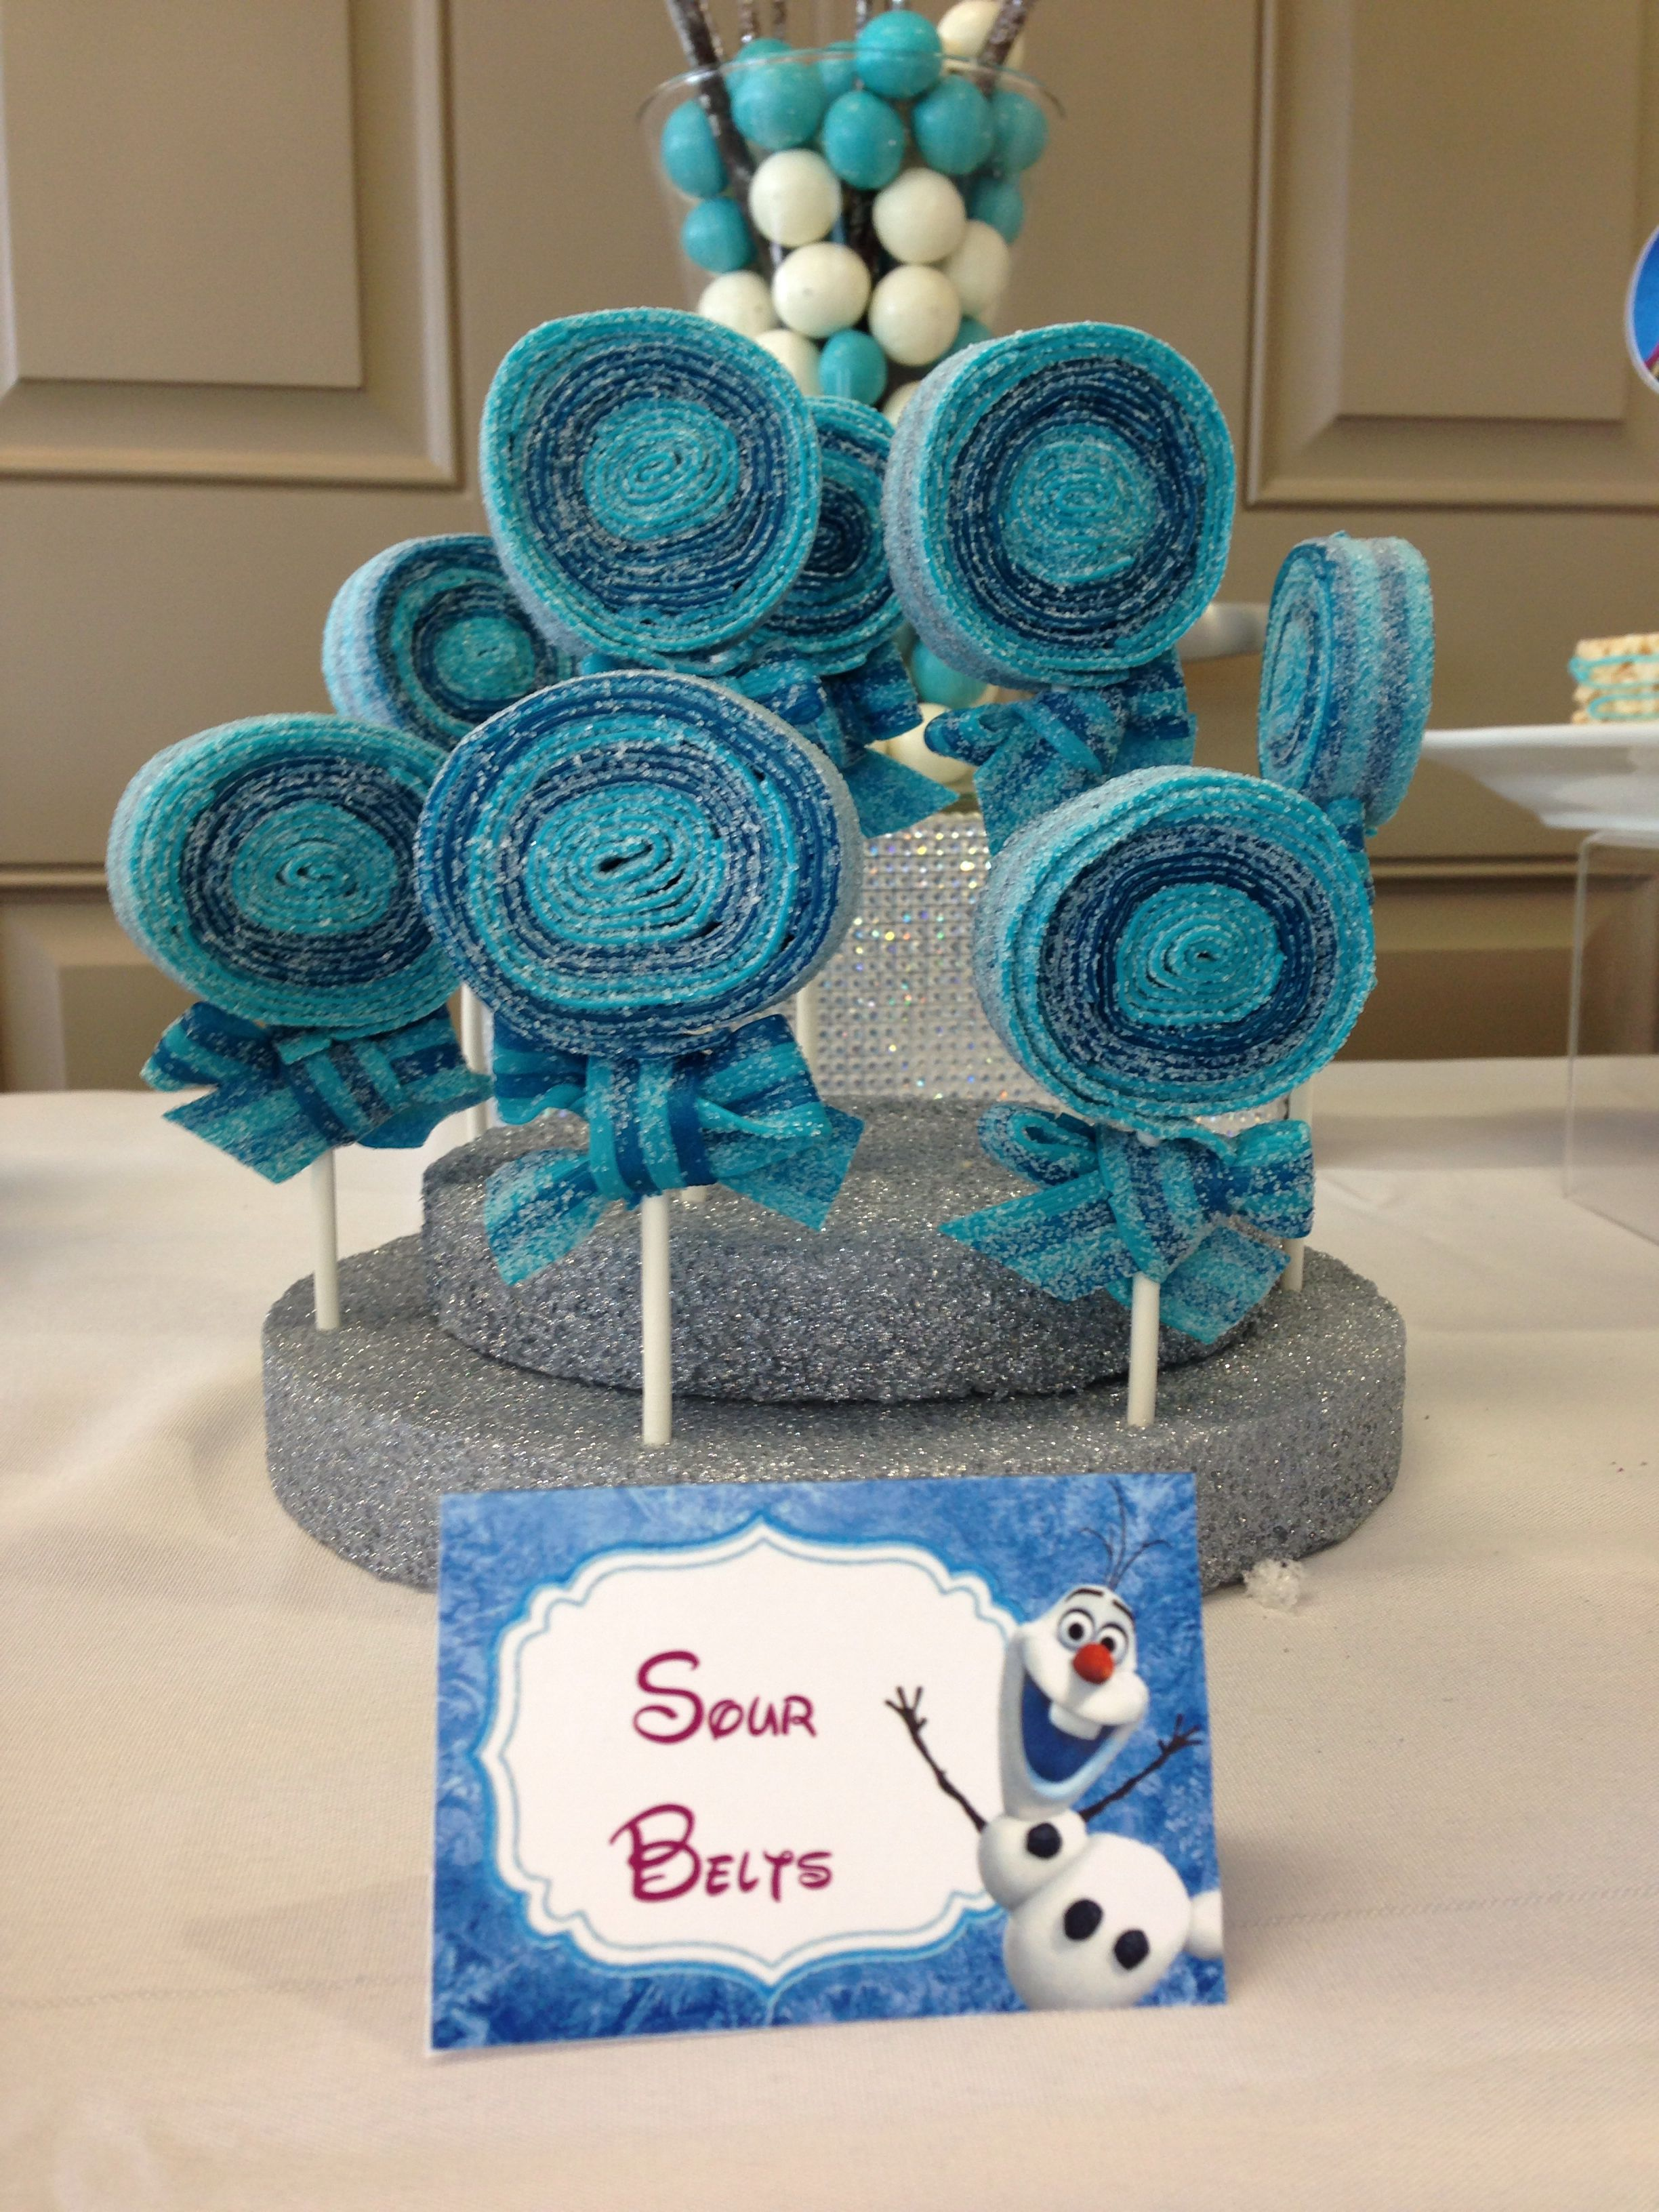 Disney Frozen Birthday Party Candy Table Sour Belt Lollipops I Love This Idea Frozen Tea Party Frozen Birthday Theme Frozen Birthday Party